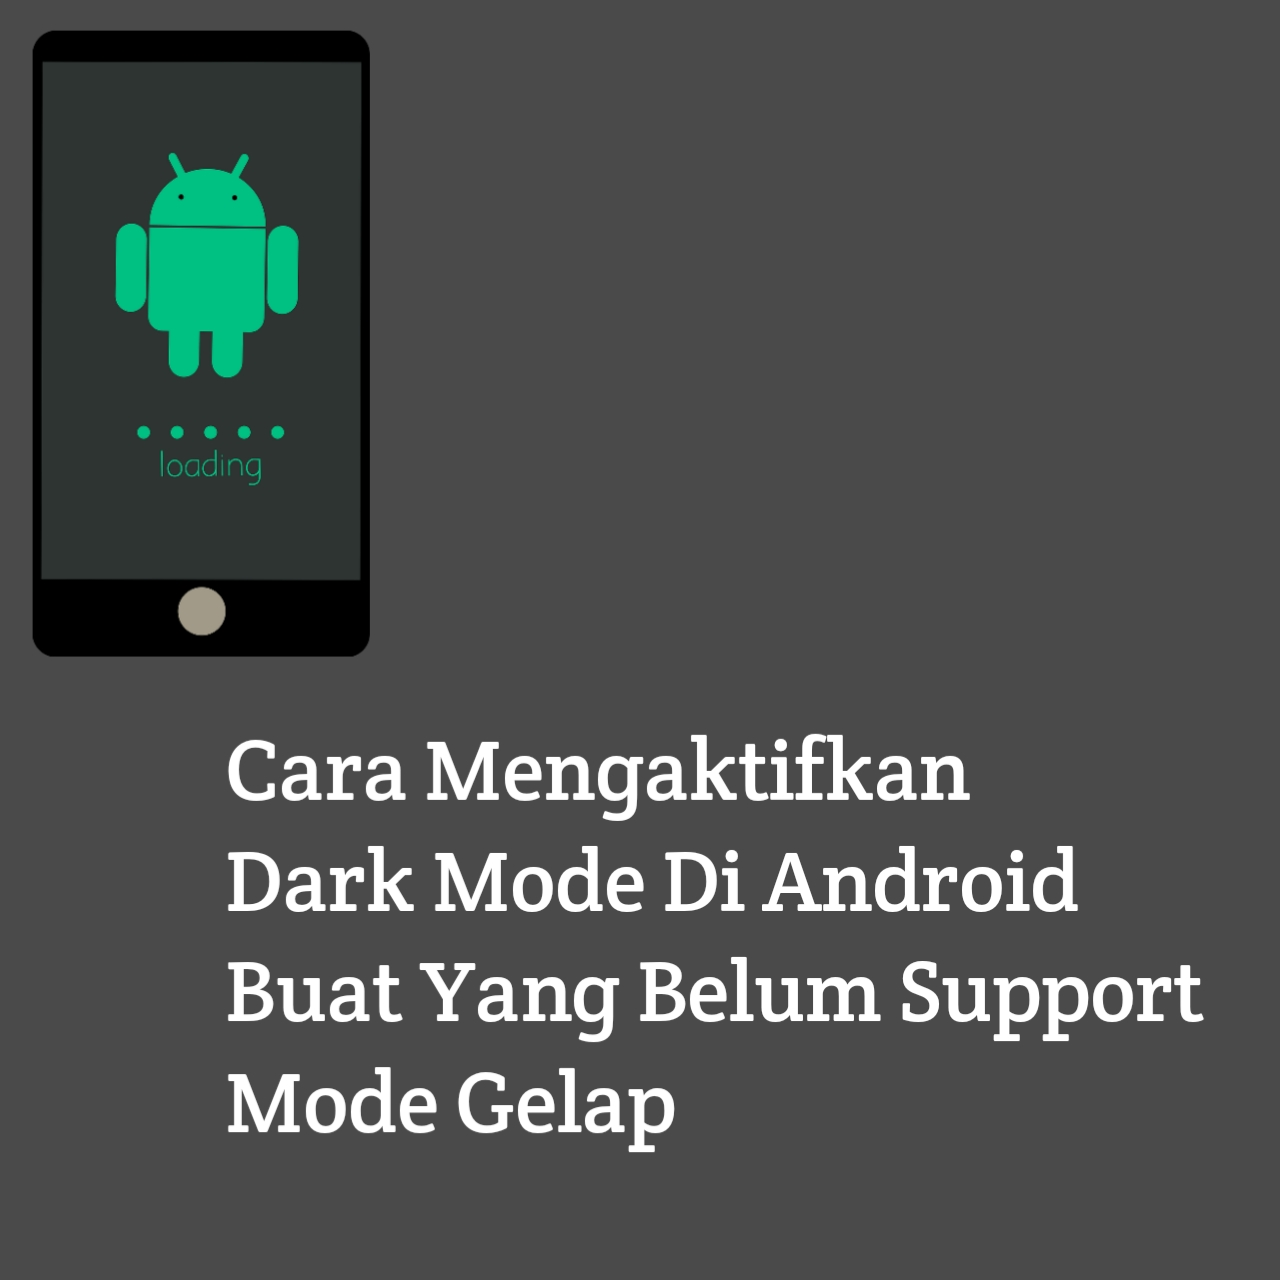 Cara Mengaktifkan Dark Mode Di Android Buat Yang Belum Support Mode Gelap